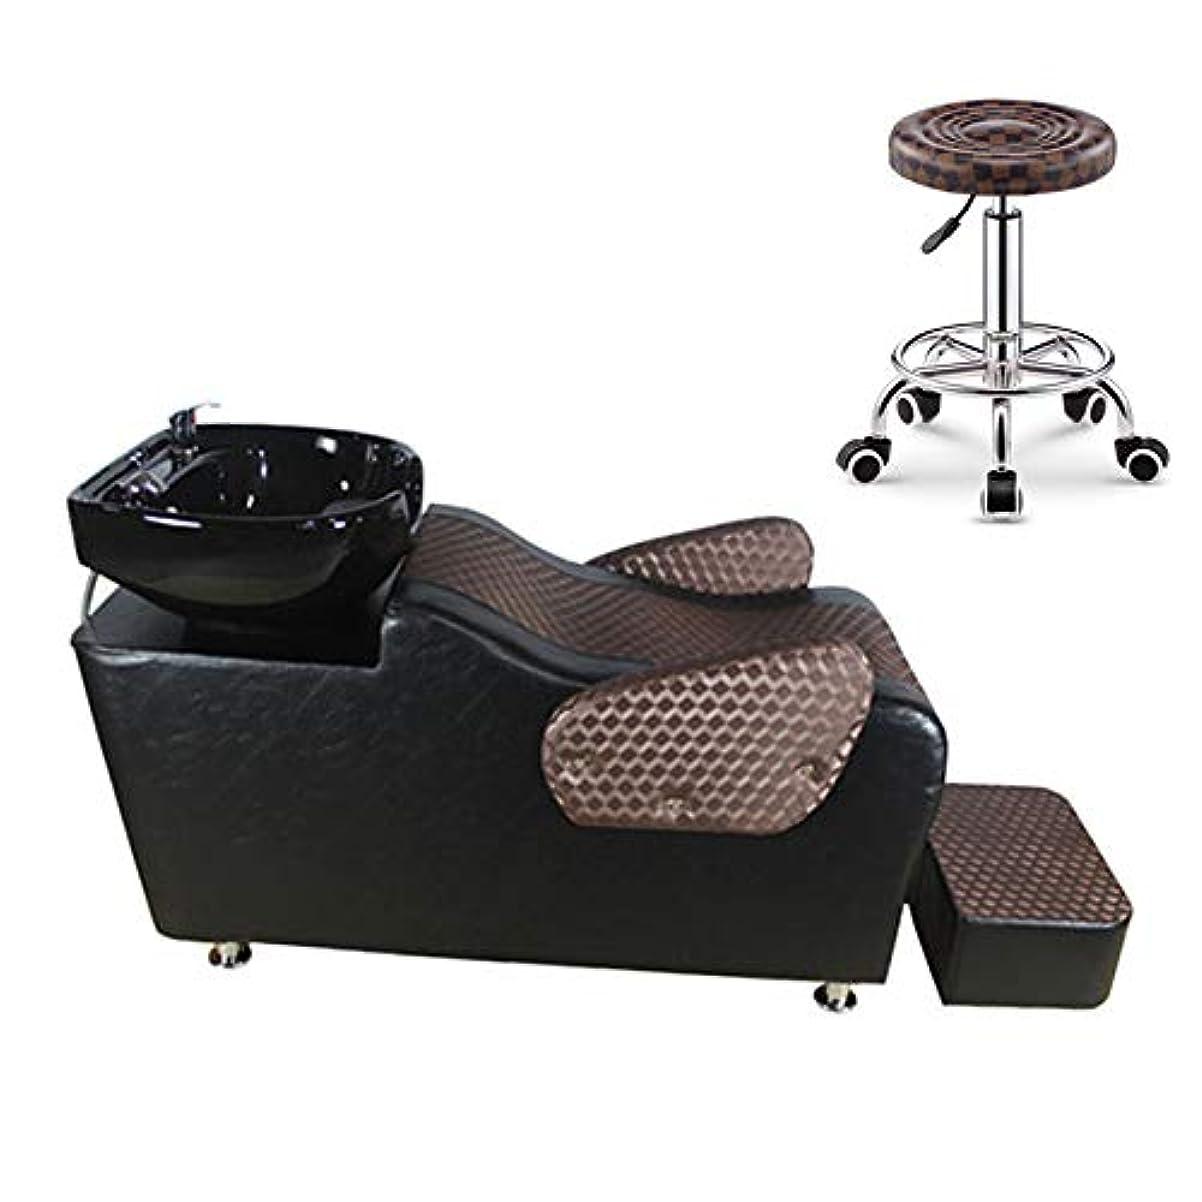 シャンプーの椅子、逆洗の単位の鉱泉の美容院装置の打つ水ベッドの椅子のためのシャンプーボールの理髪の流しの椅子